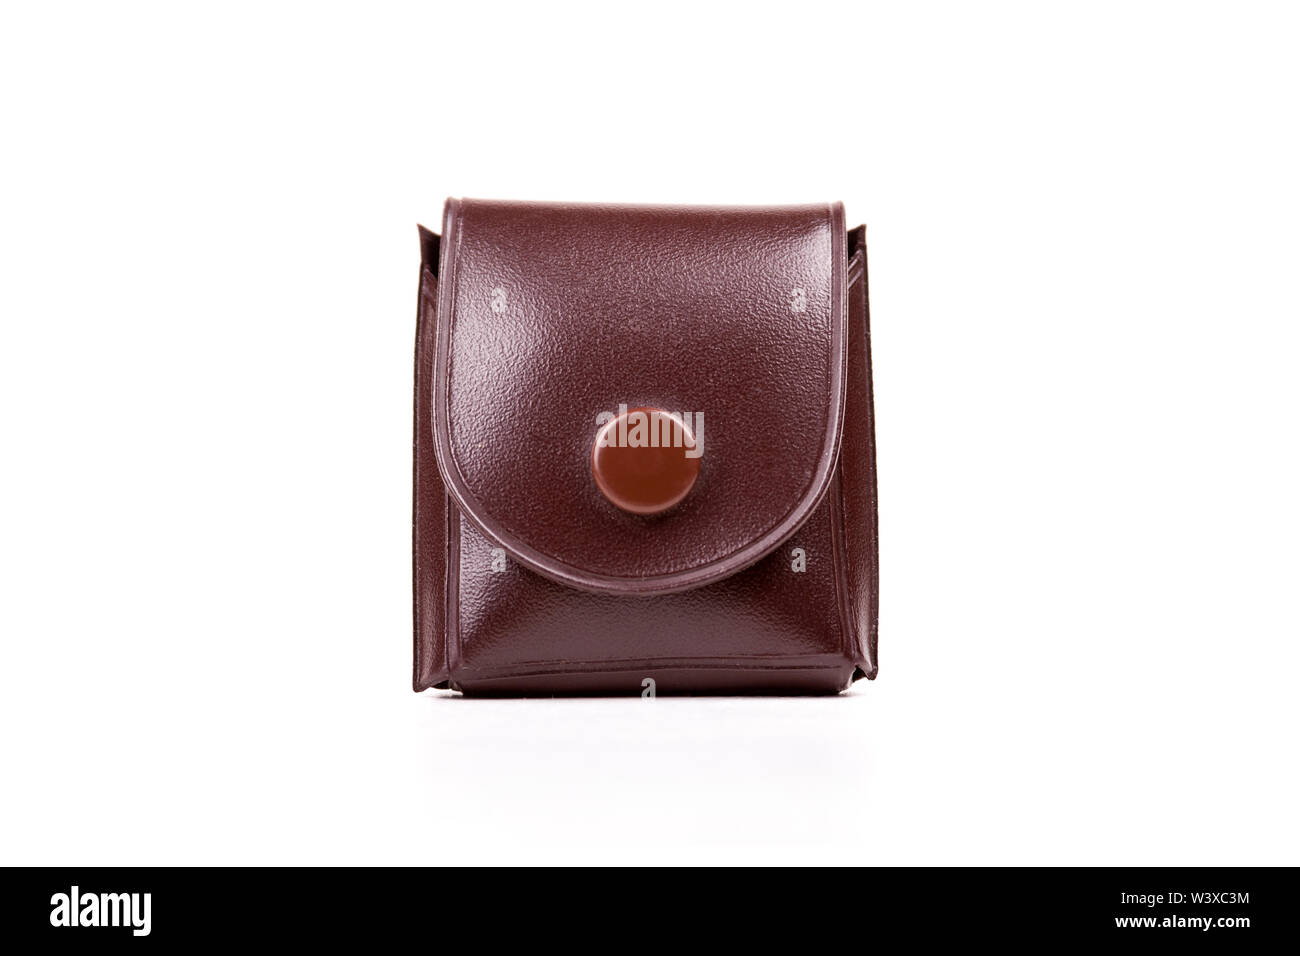 Petite poche en cuir de style vintage mini cas pour une montre, bague ou une loupe, isolé. Récipient élégant pour les petits articles de valeur concept Photo Stock